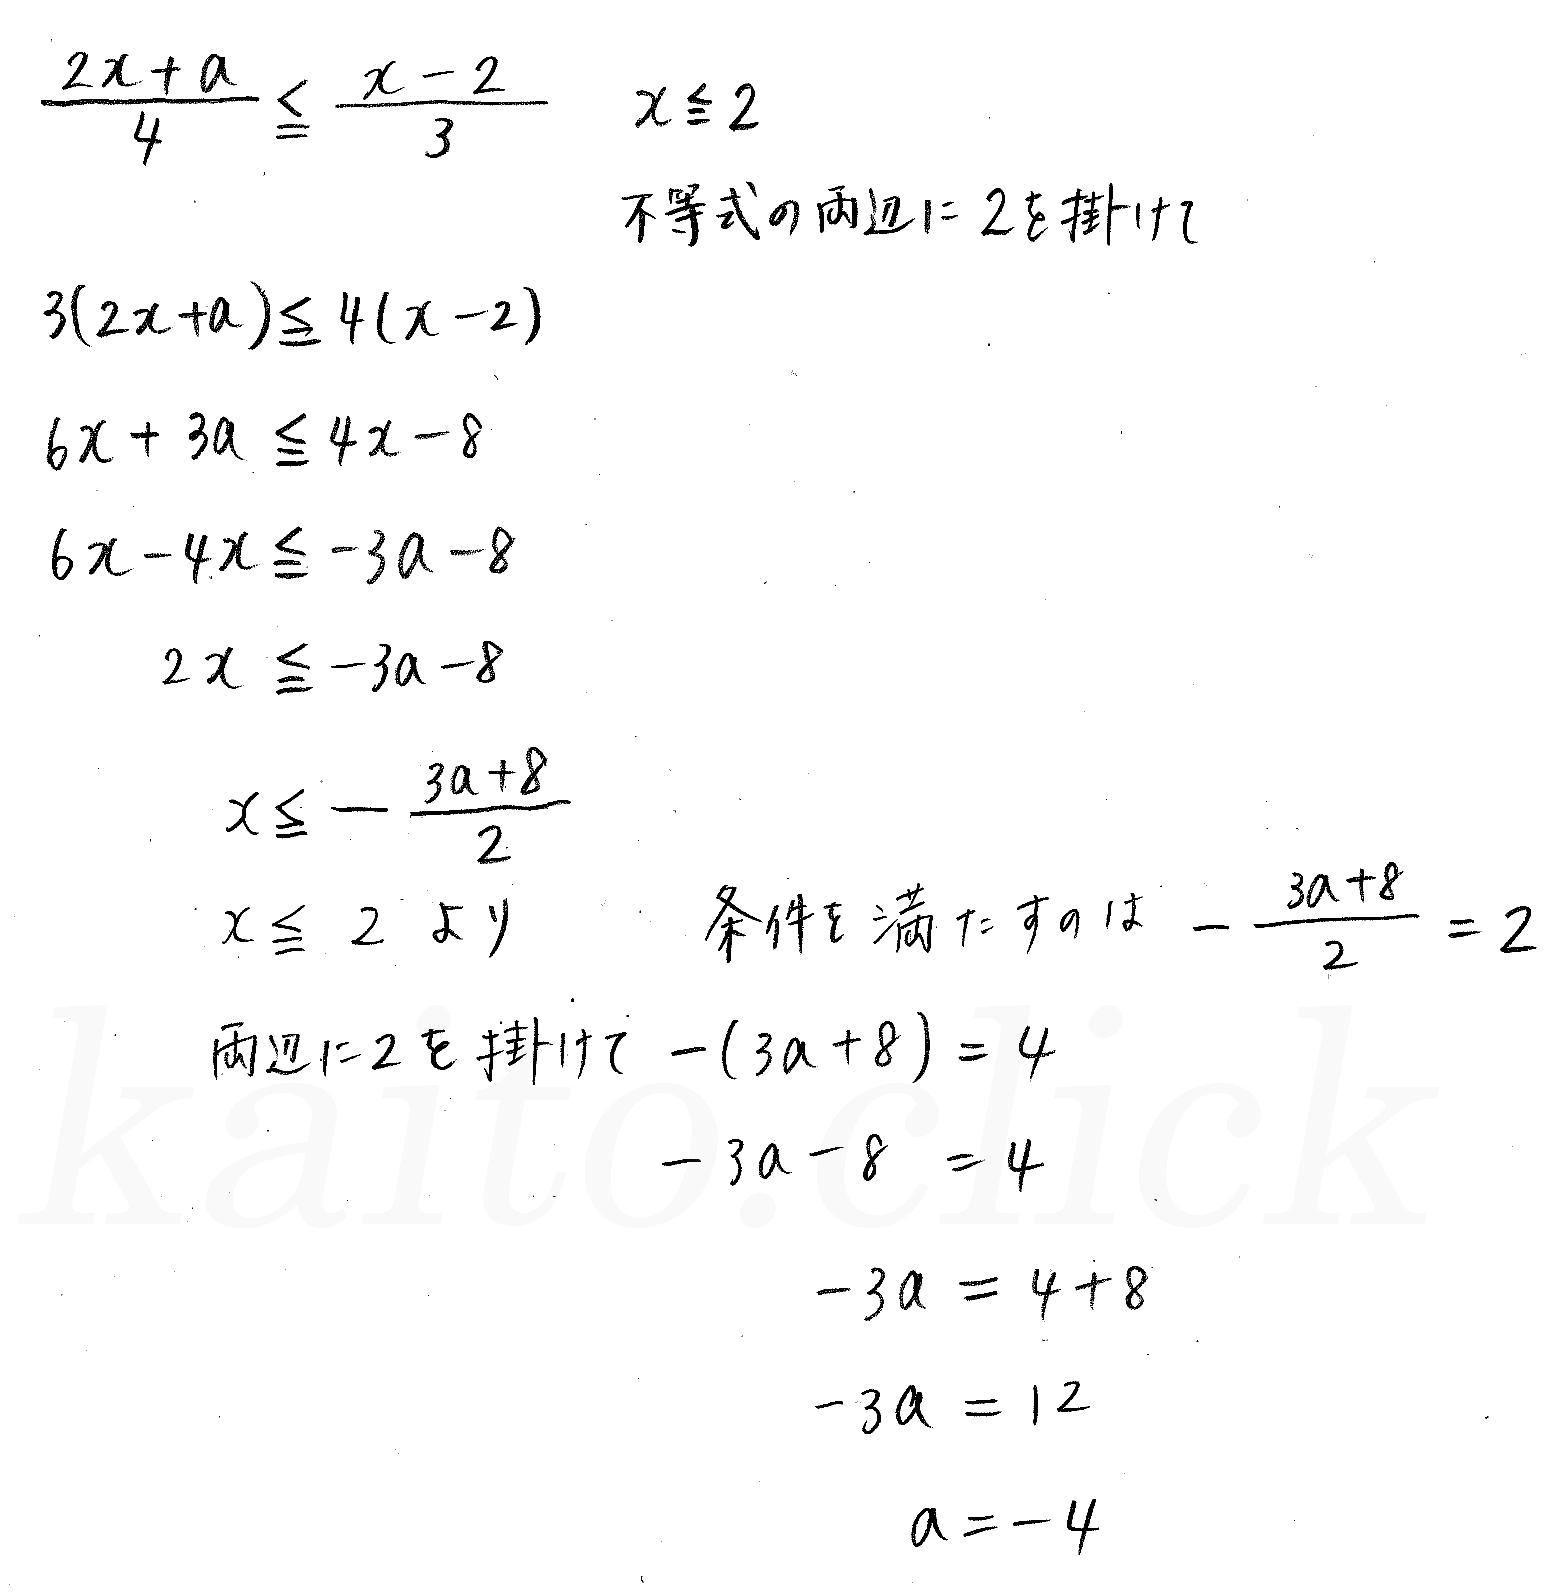 クリアー数学1-87解答